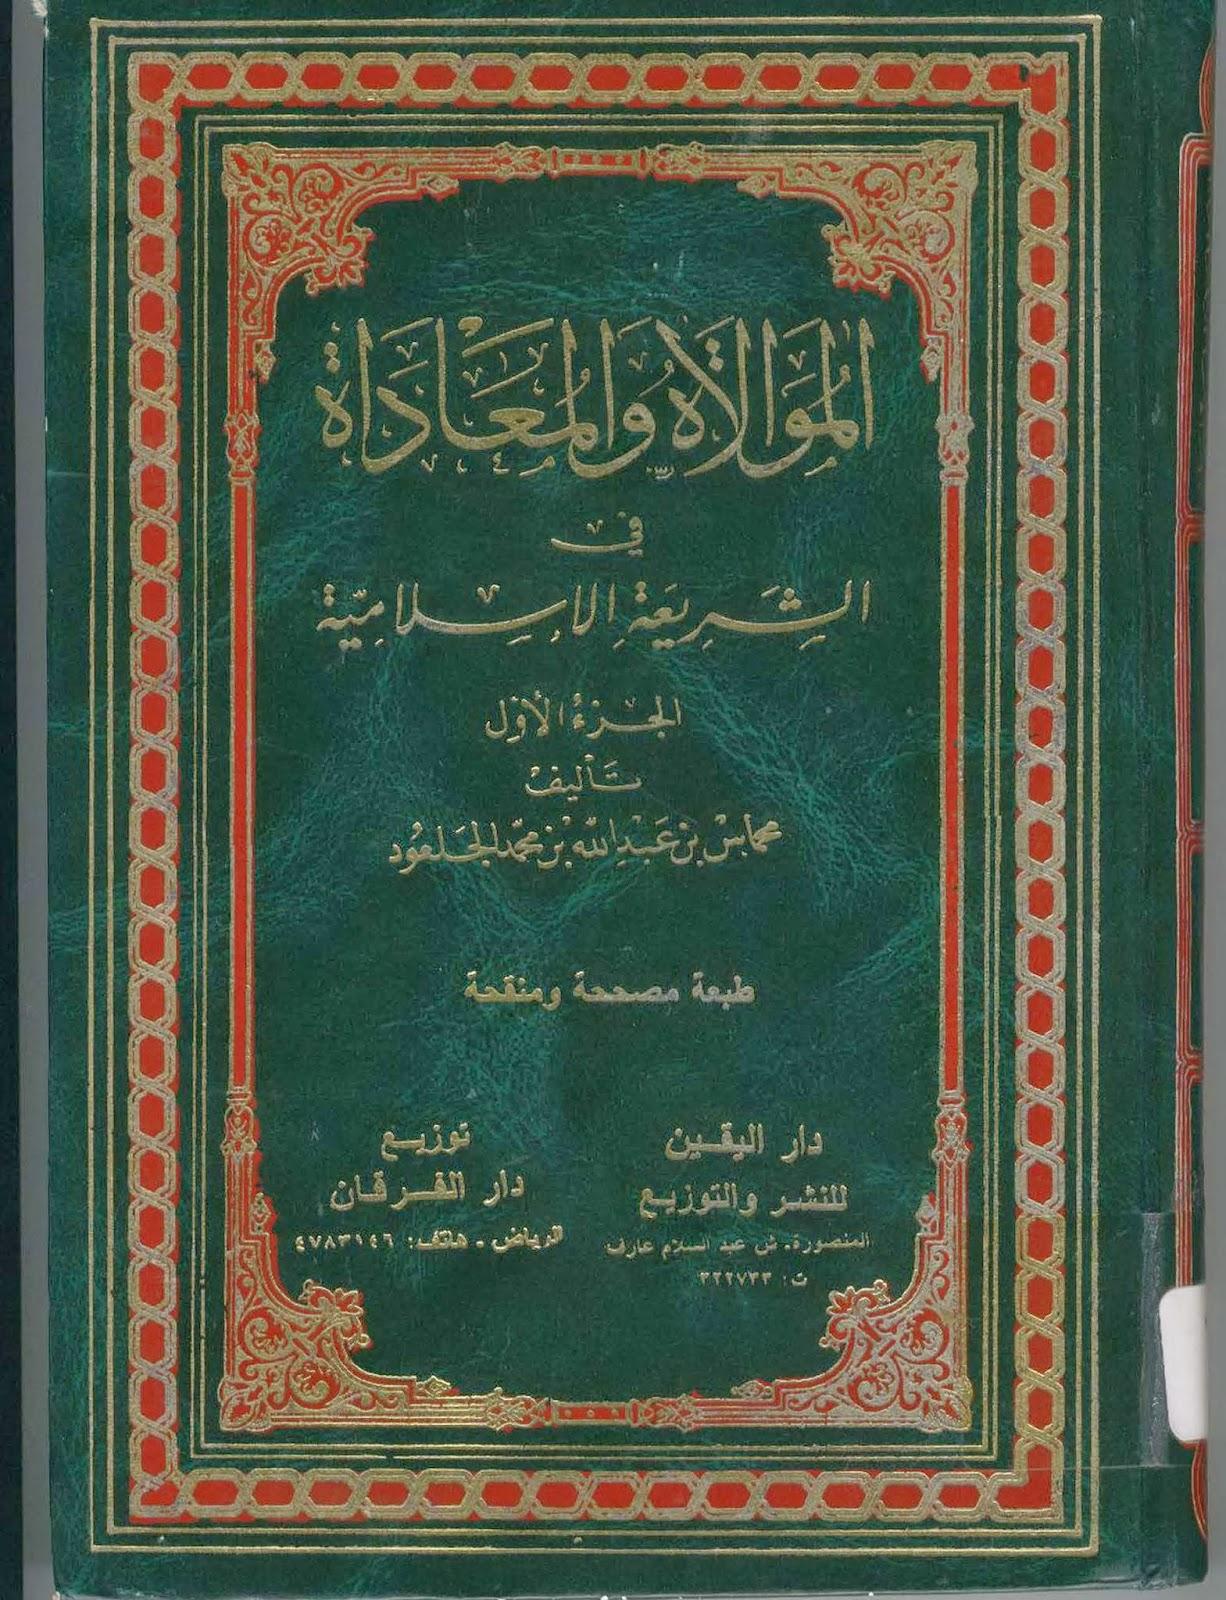 الموالاة والمعاداة في الشريعة الإسلامية - محماس الجلعود pdf